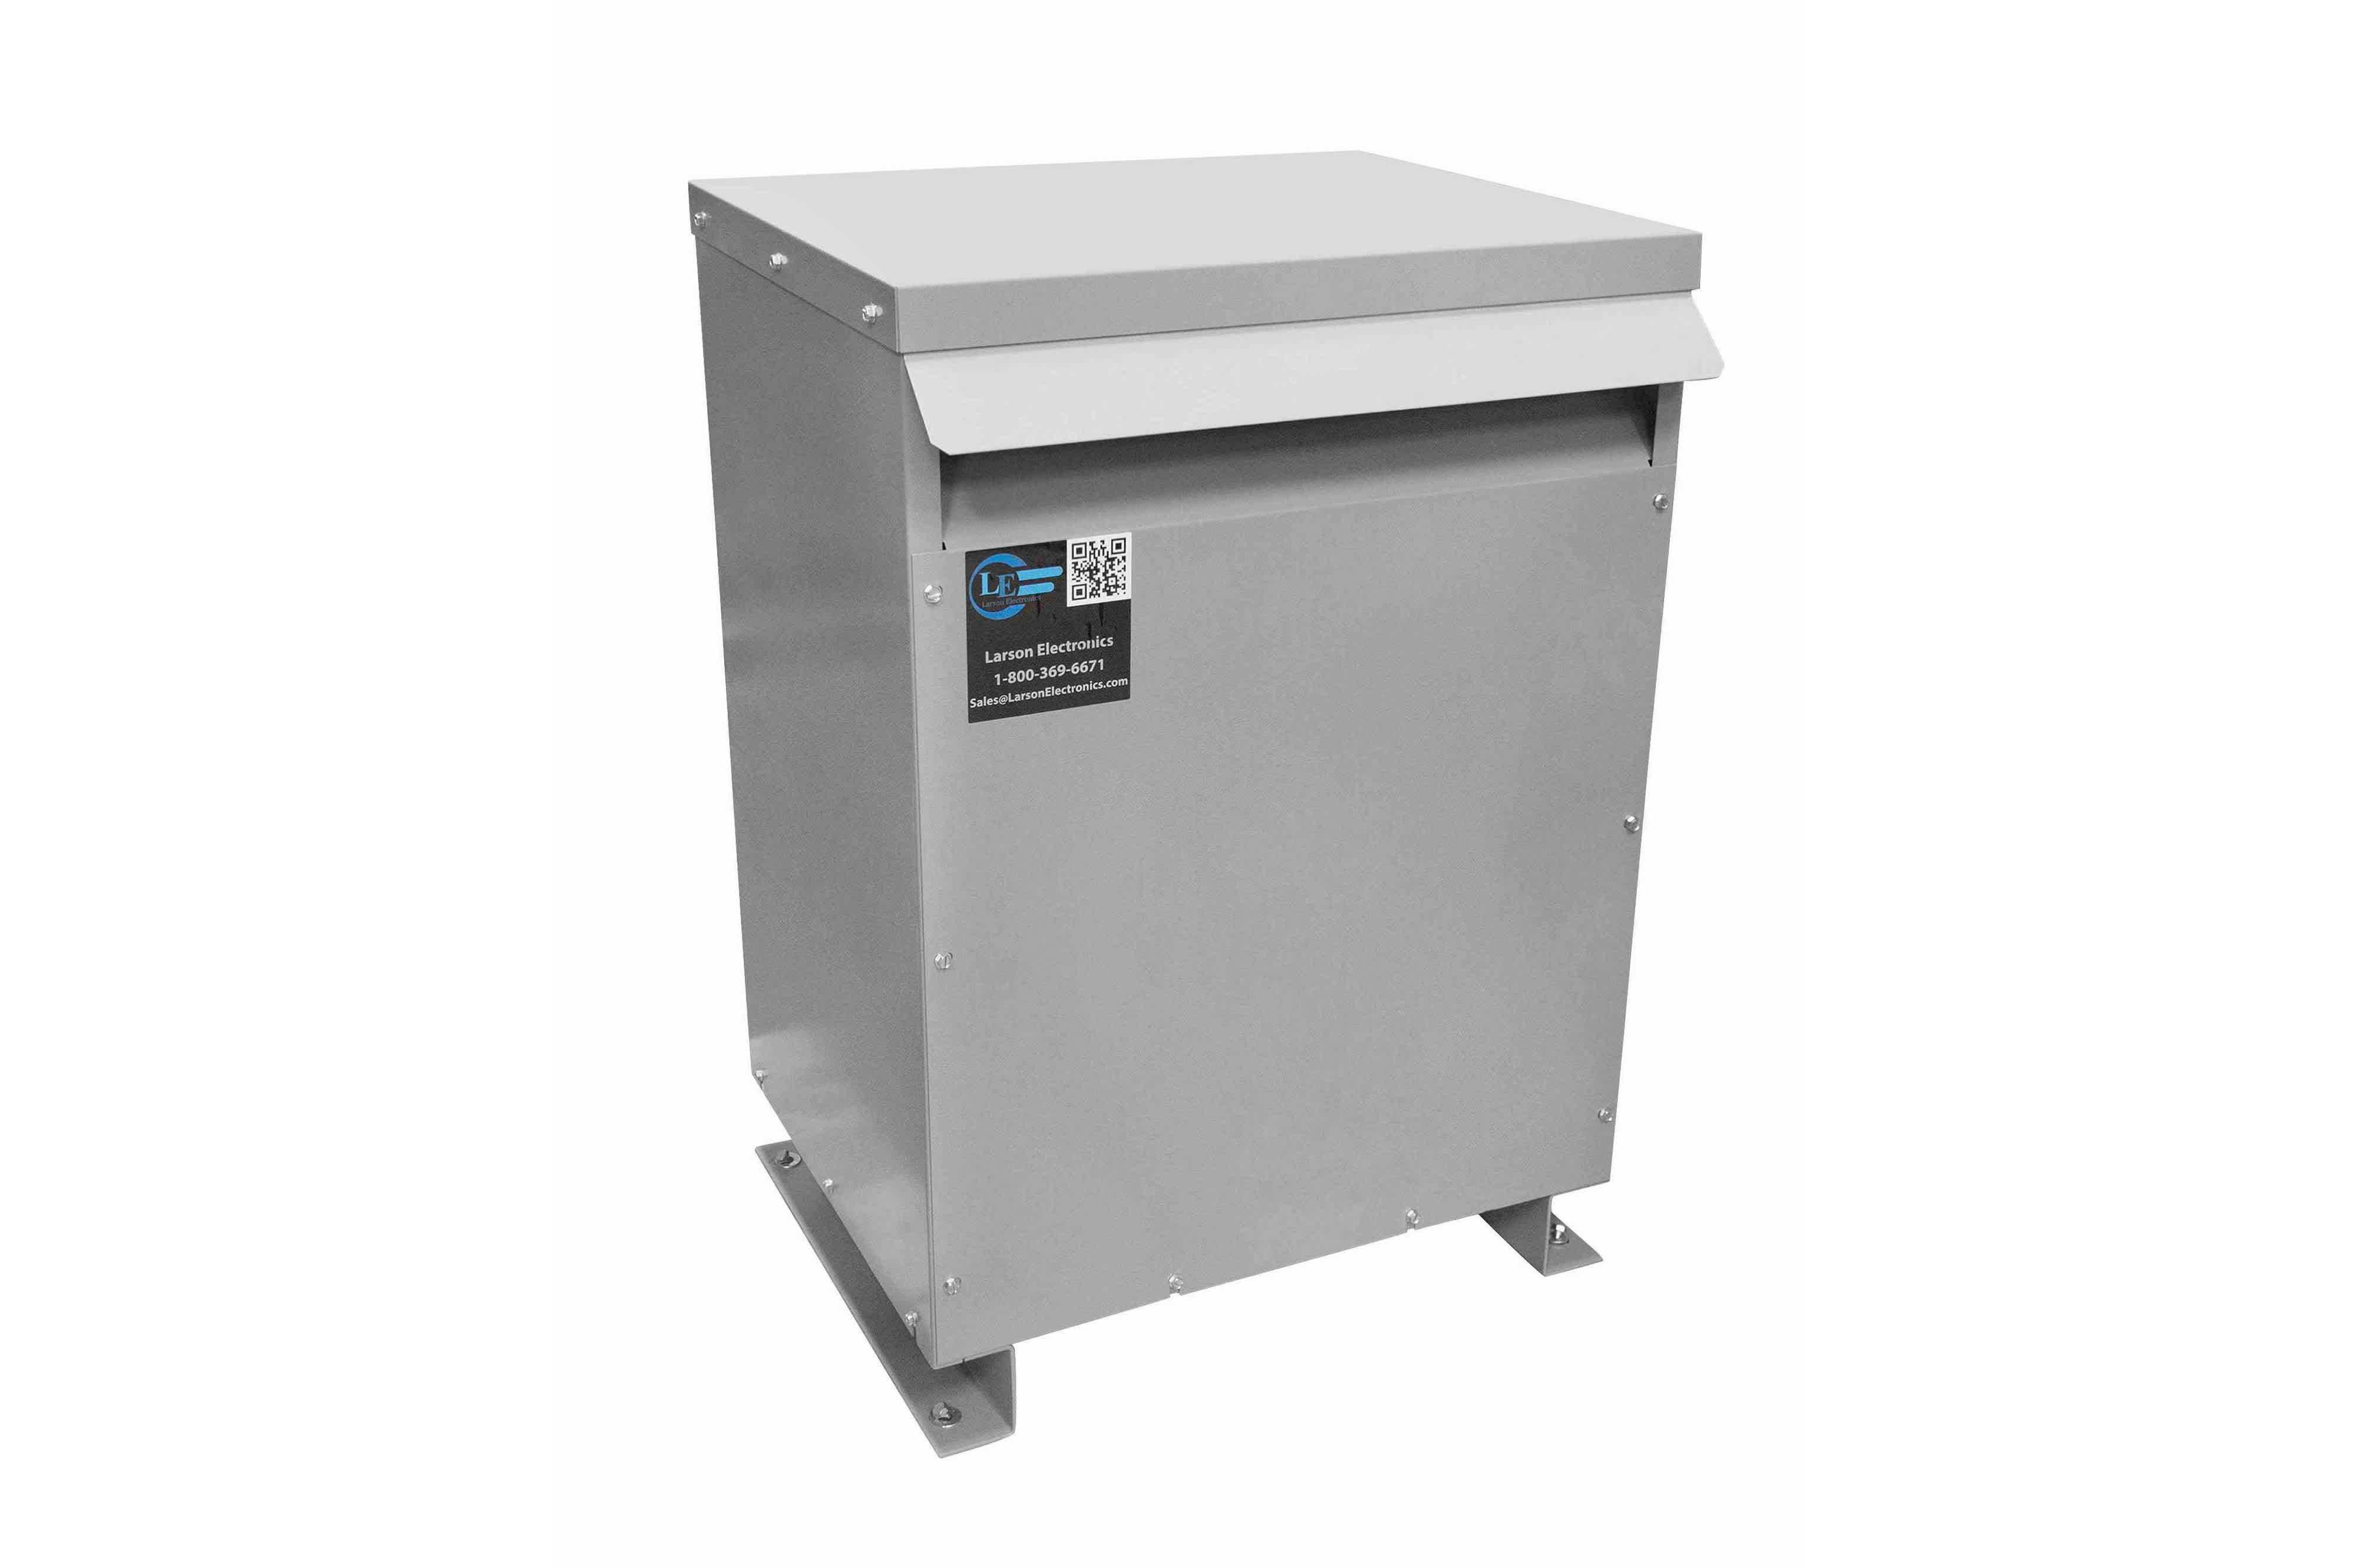 36 kVA 3PH Isolation Transformer, 400V Delta Primary, 600V Delta Secondary, N3R, Ventilated, 60 Hz